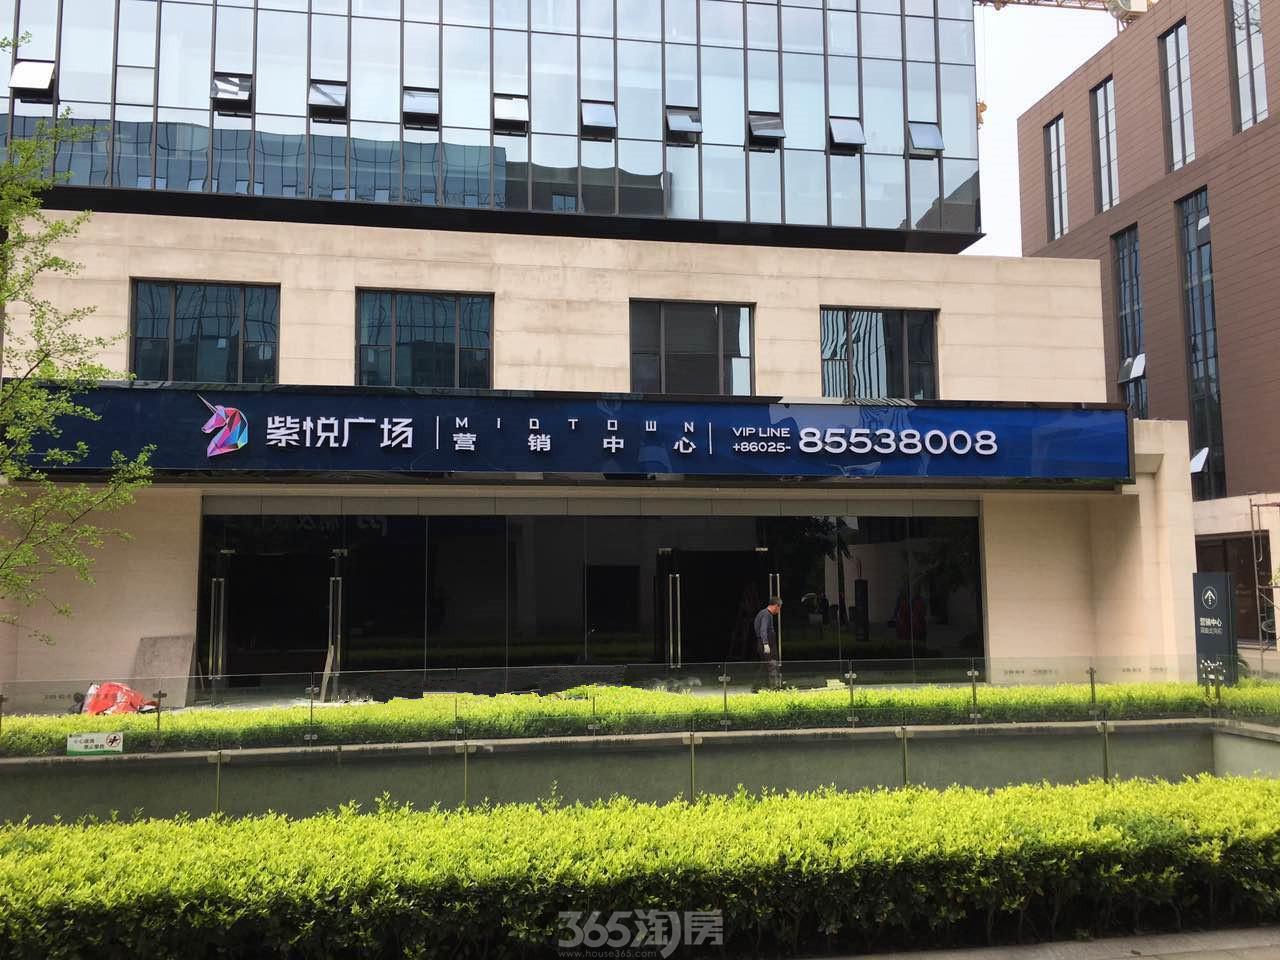 建发紫悦广场项目接待中心实景图